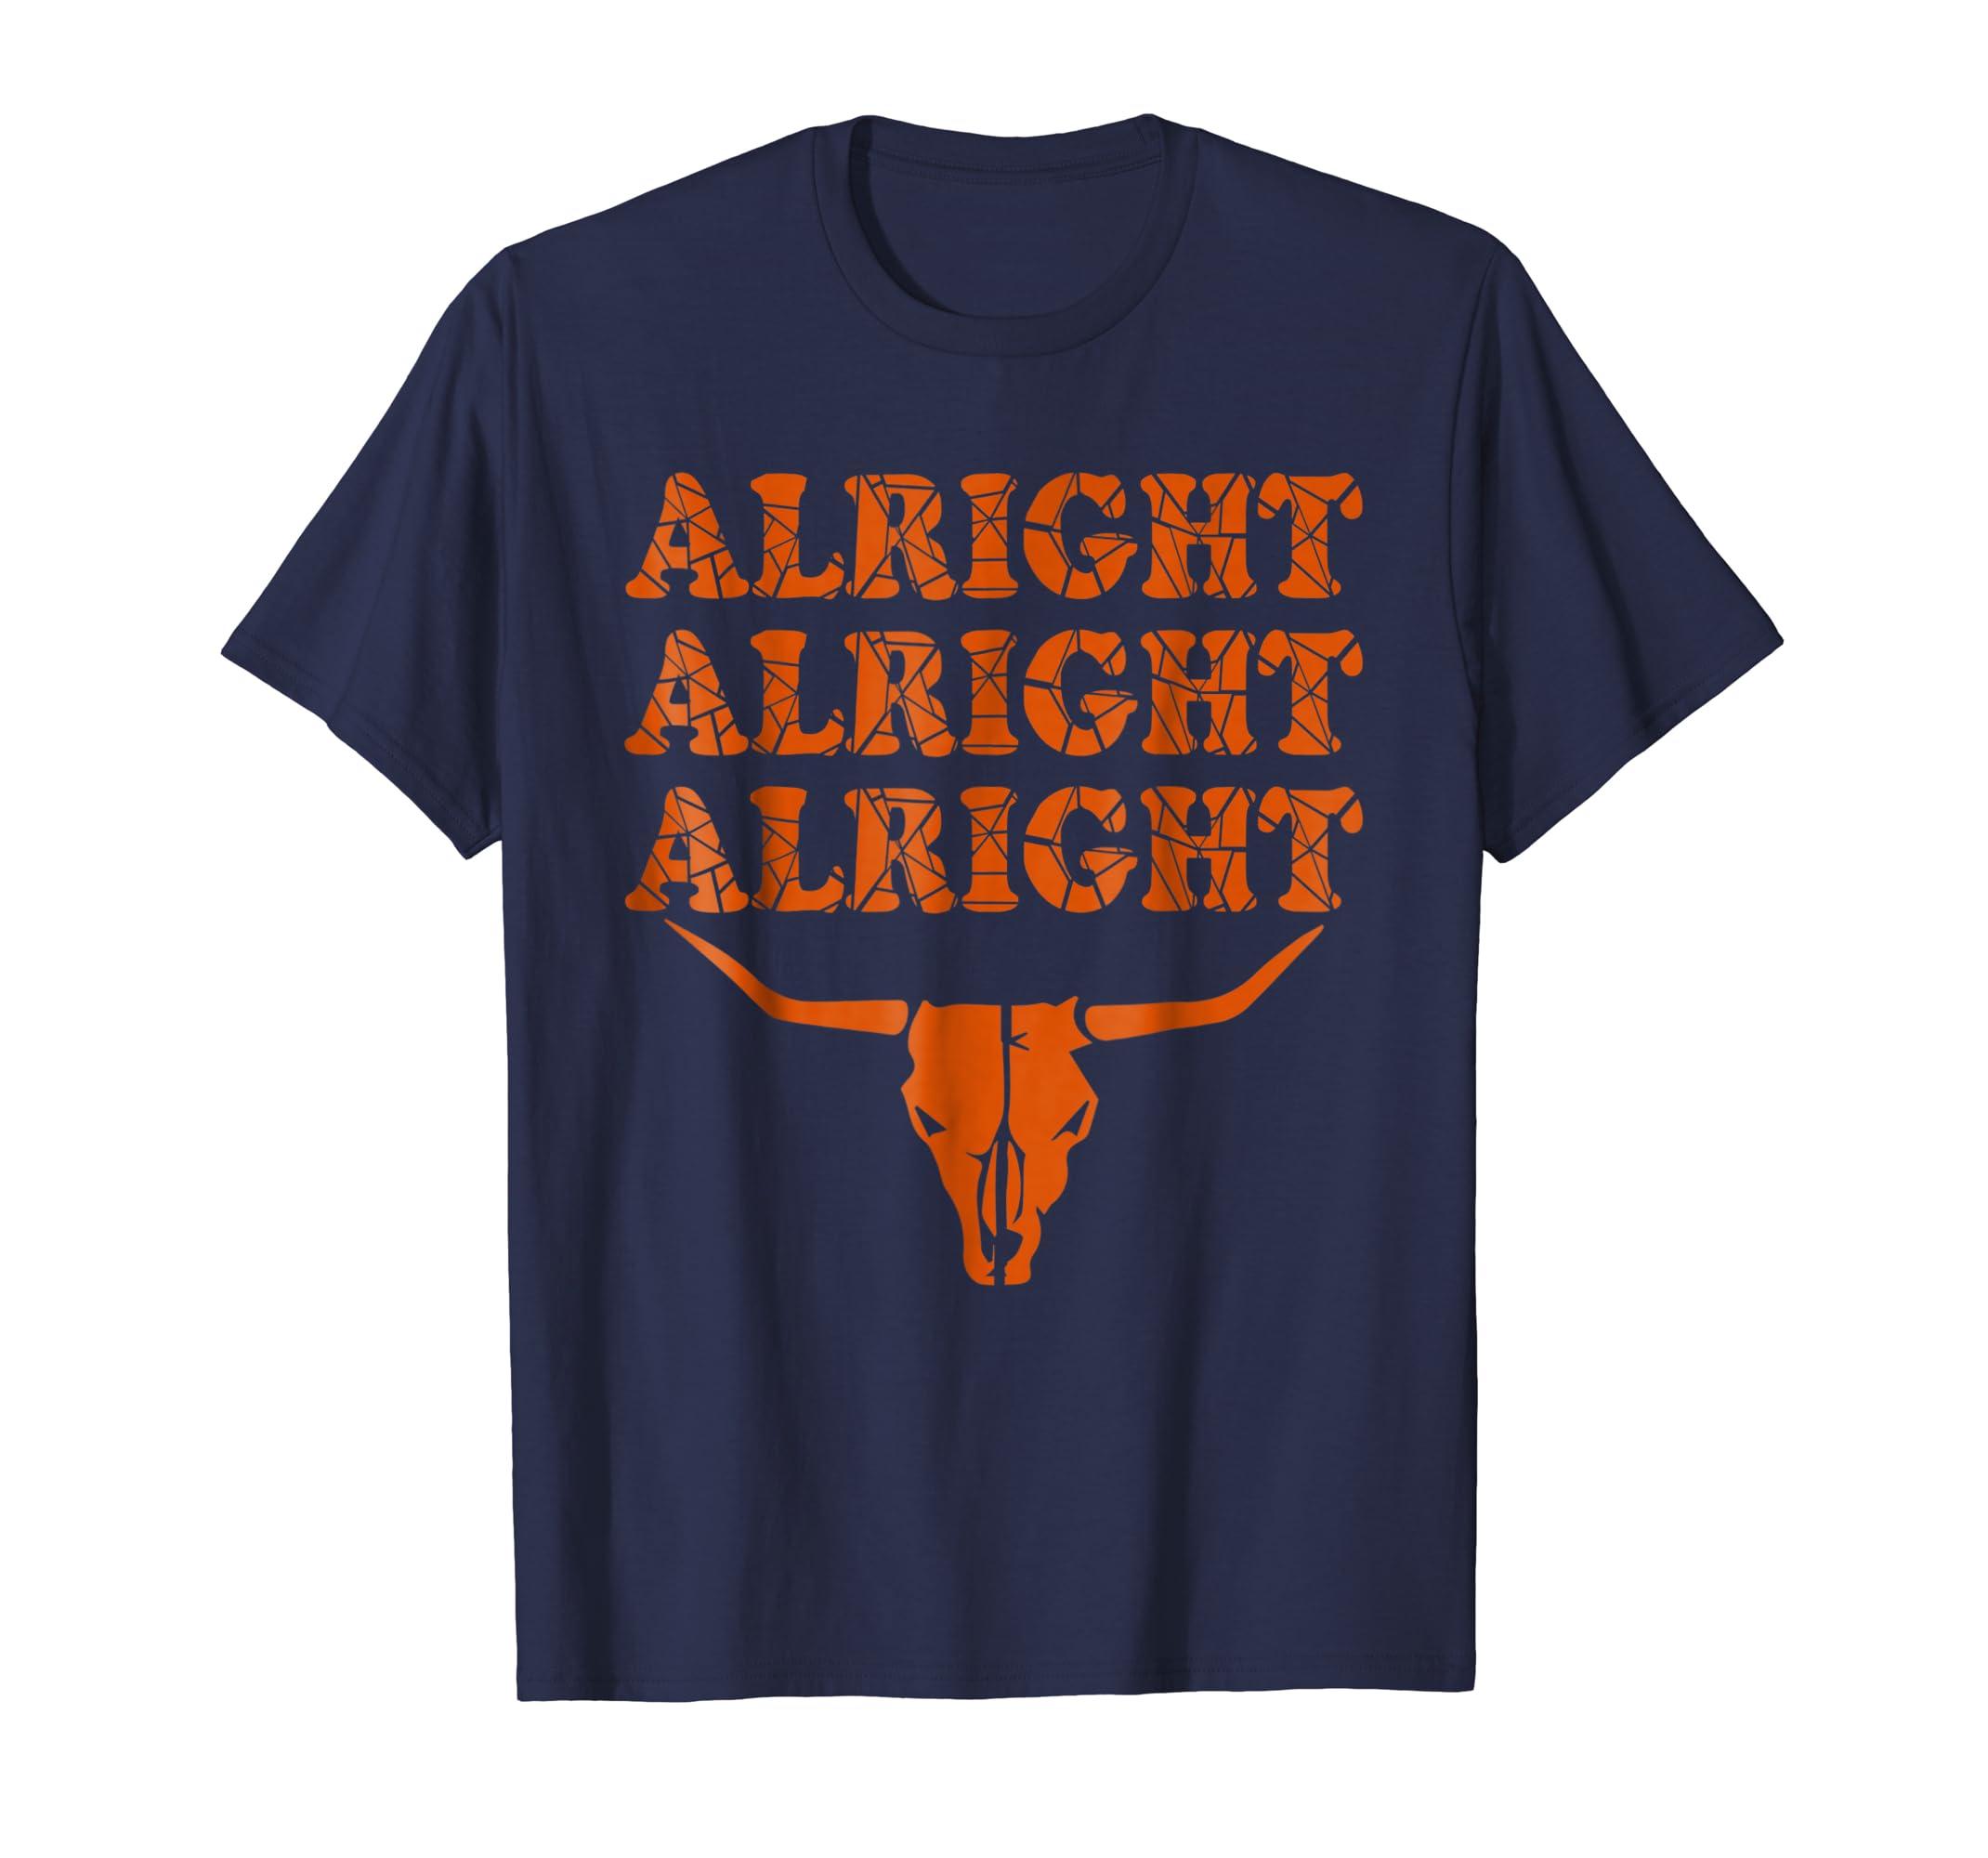 Alright Alright Alright Texas For Men Women Kids TeeShirt-azvn